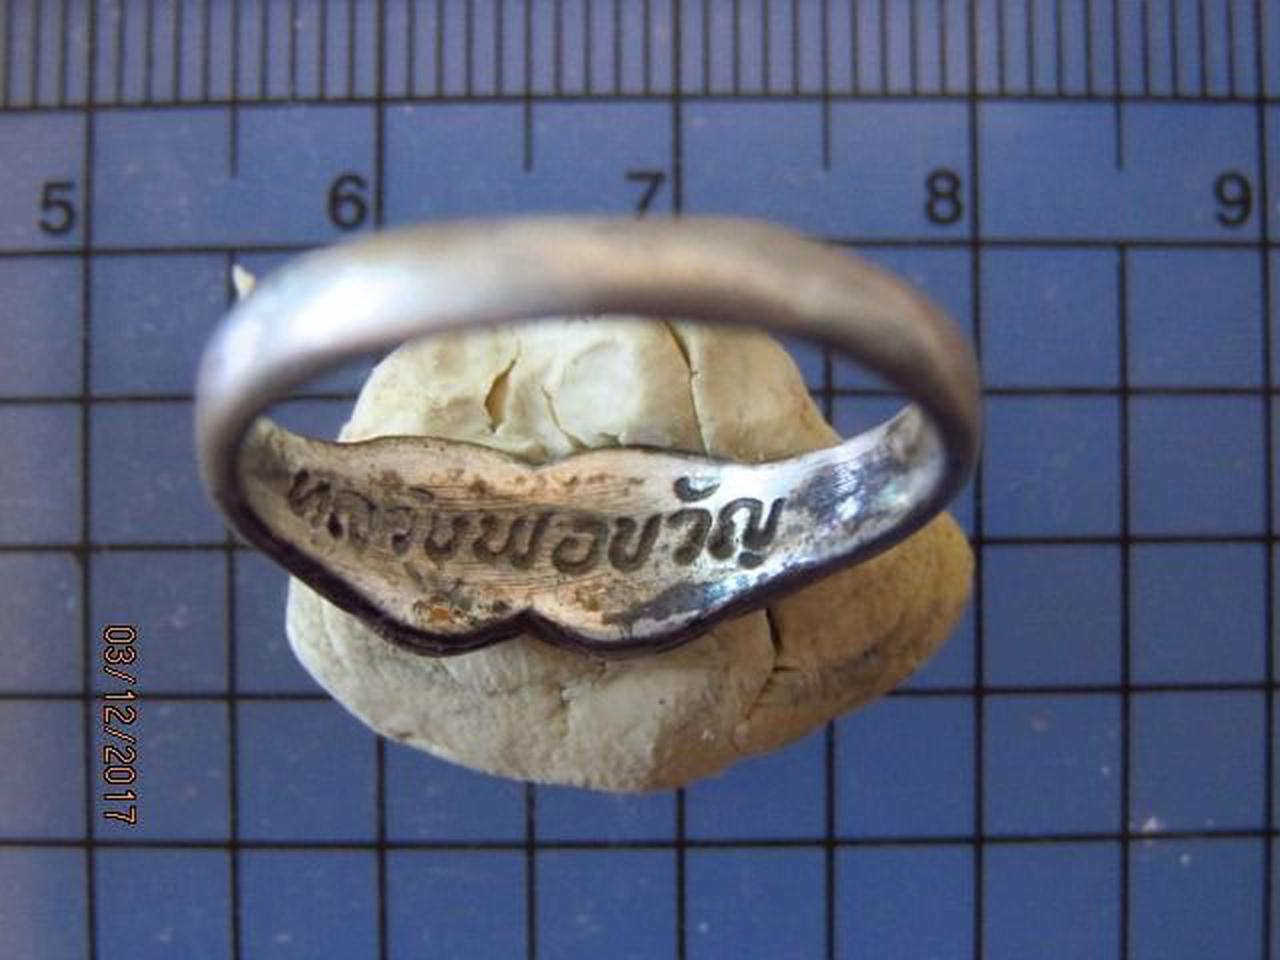 4979 แหวนพิรอดหลวงพ่อขวัญ วัดบ้านไร่ อ.สามง่าม จ.พิจิตร รูปที่ 2